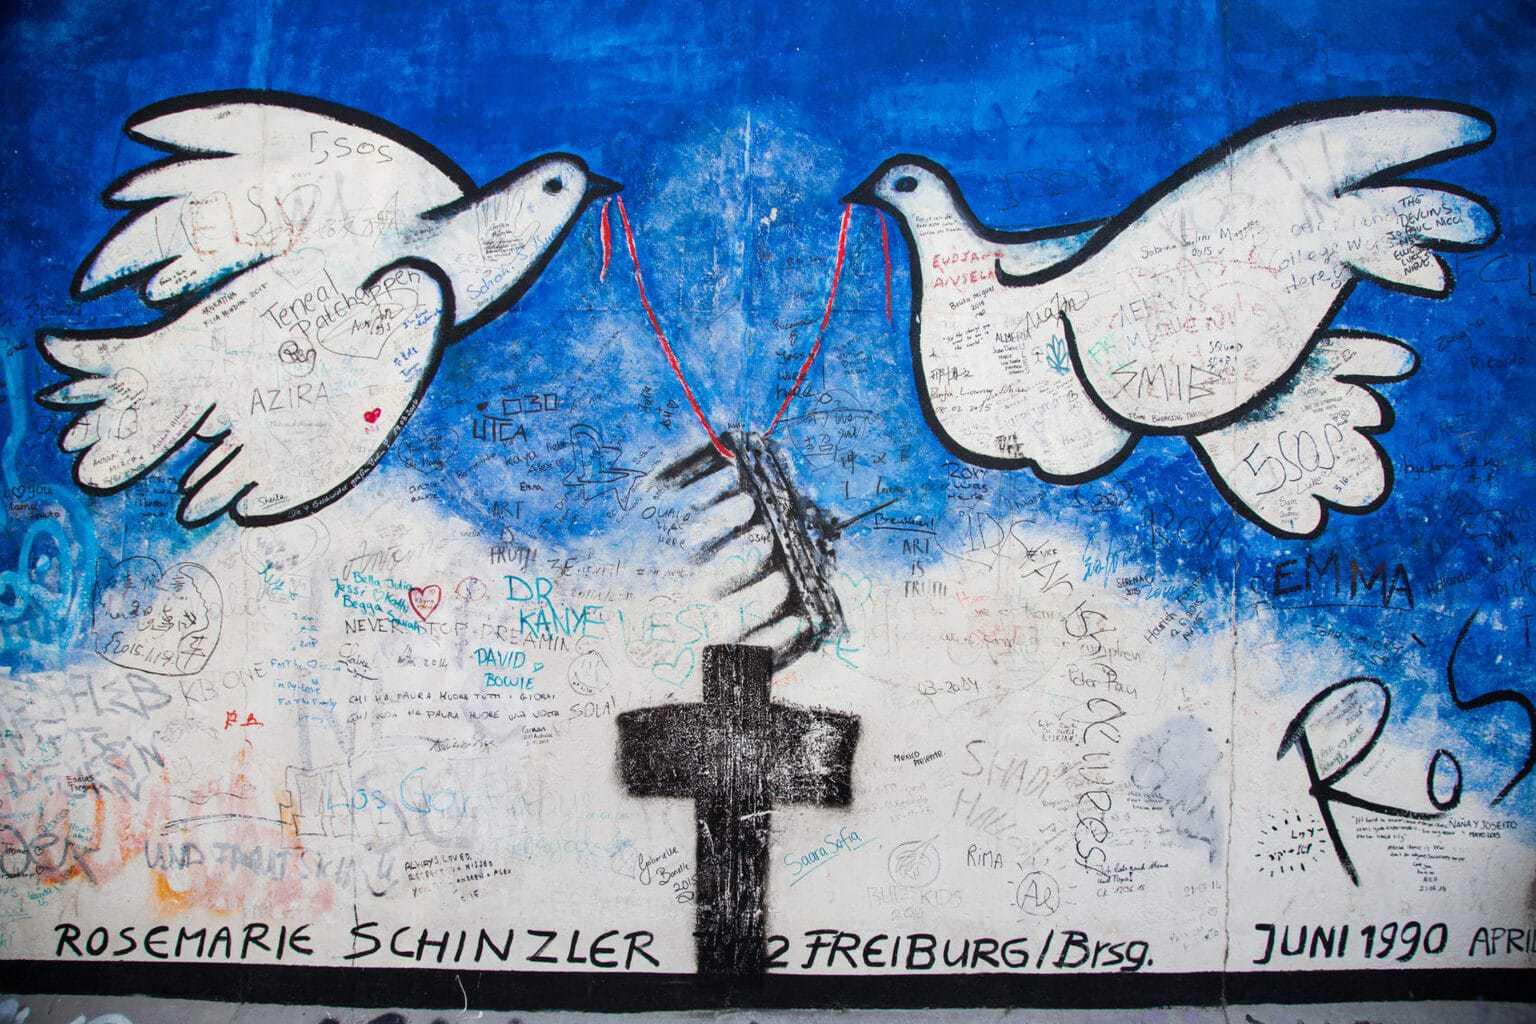 Twee vredensduifjes op de Berlijnse muur in vorm van een graffiti